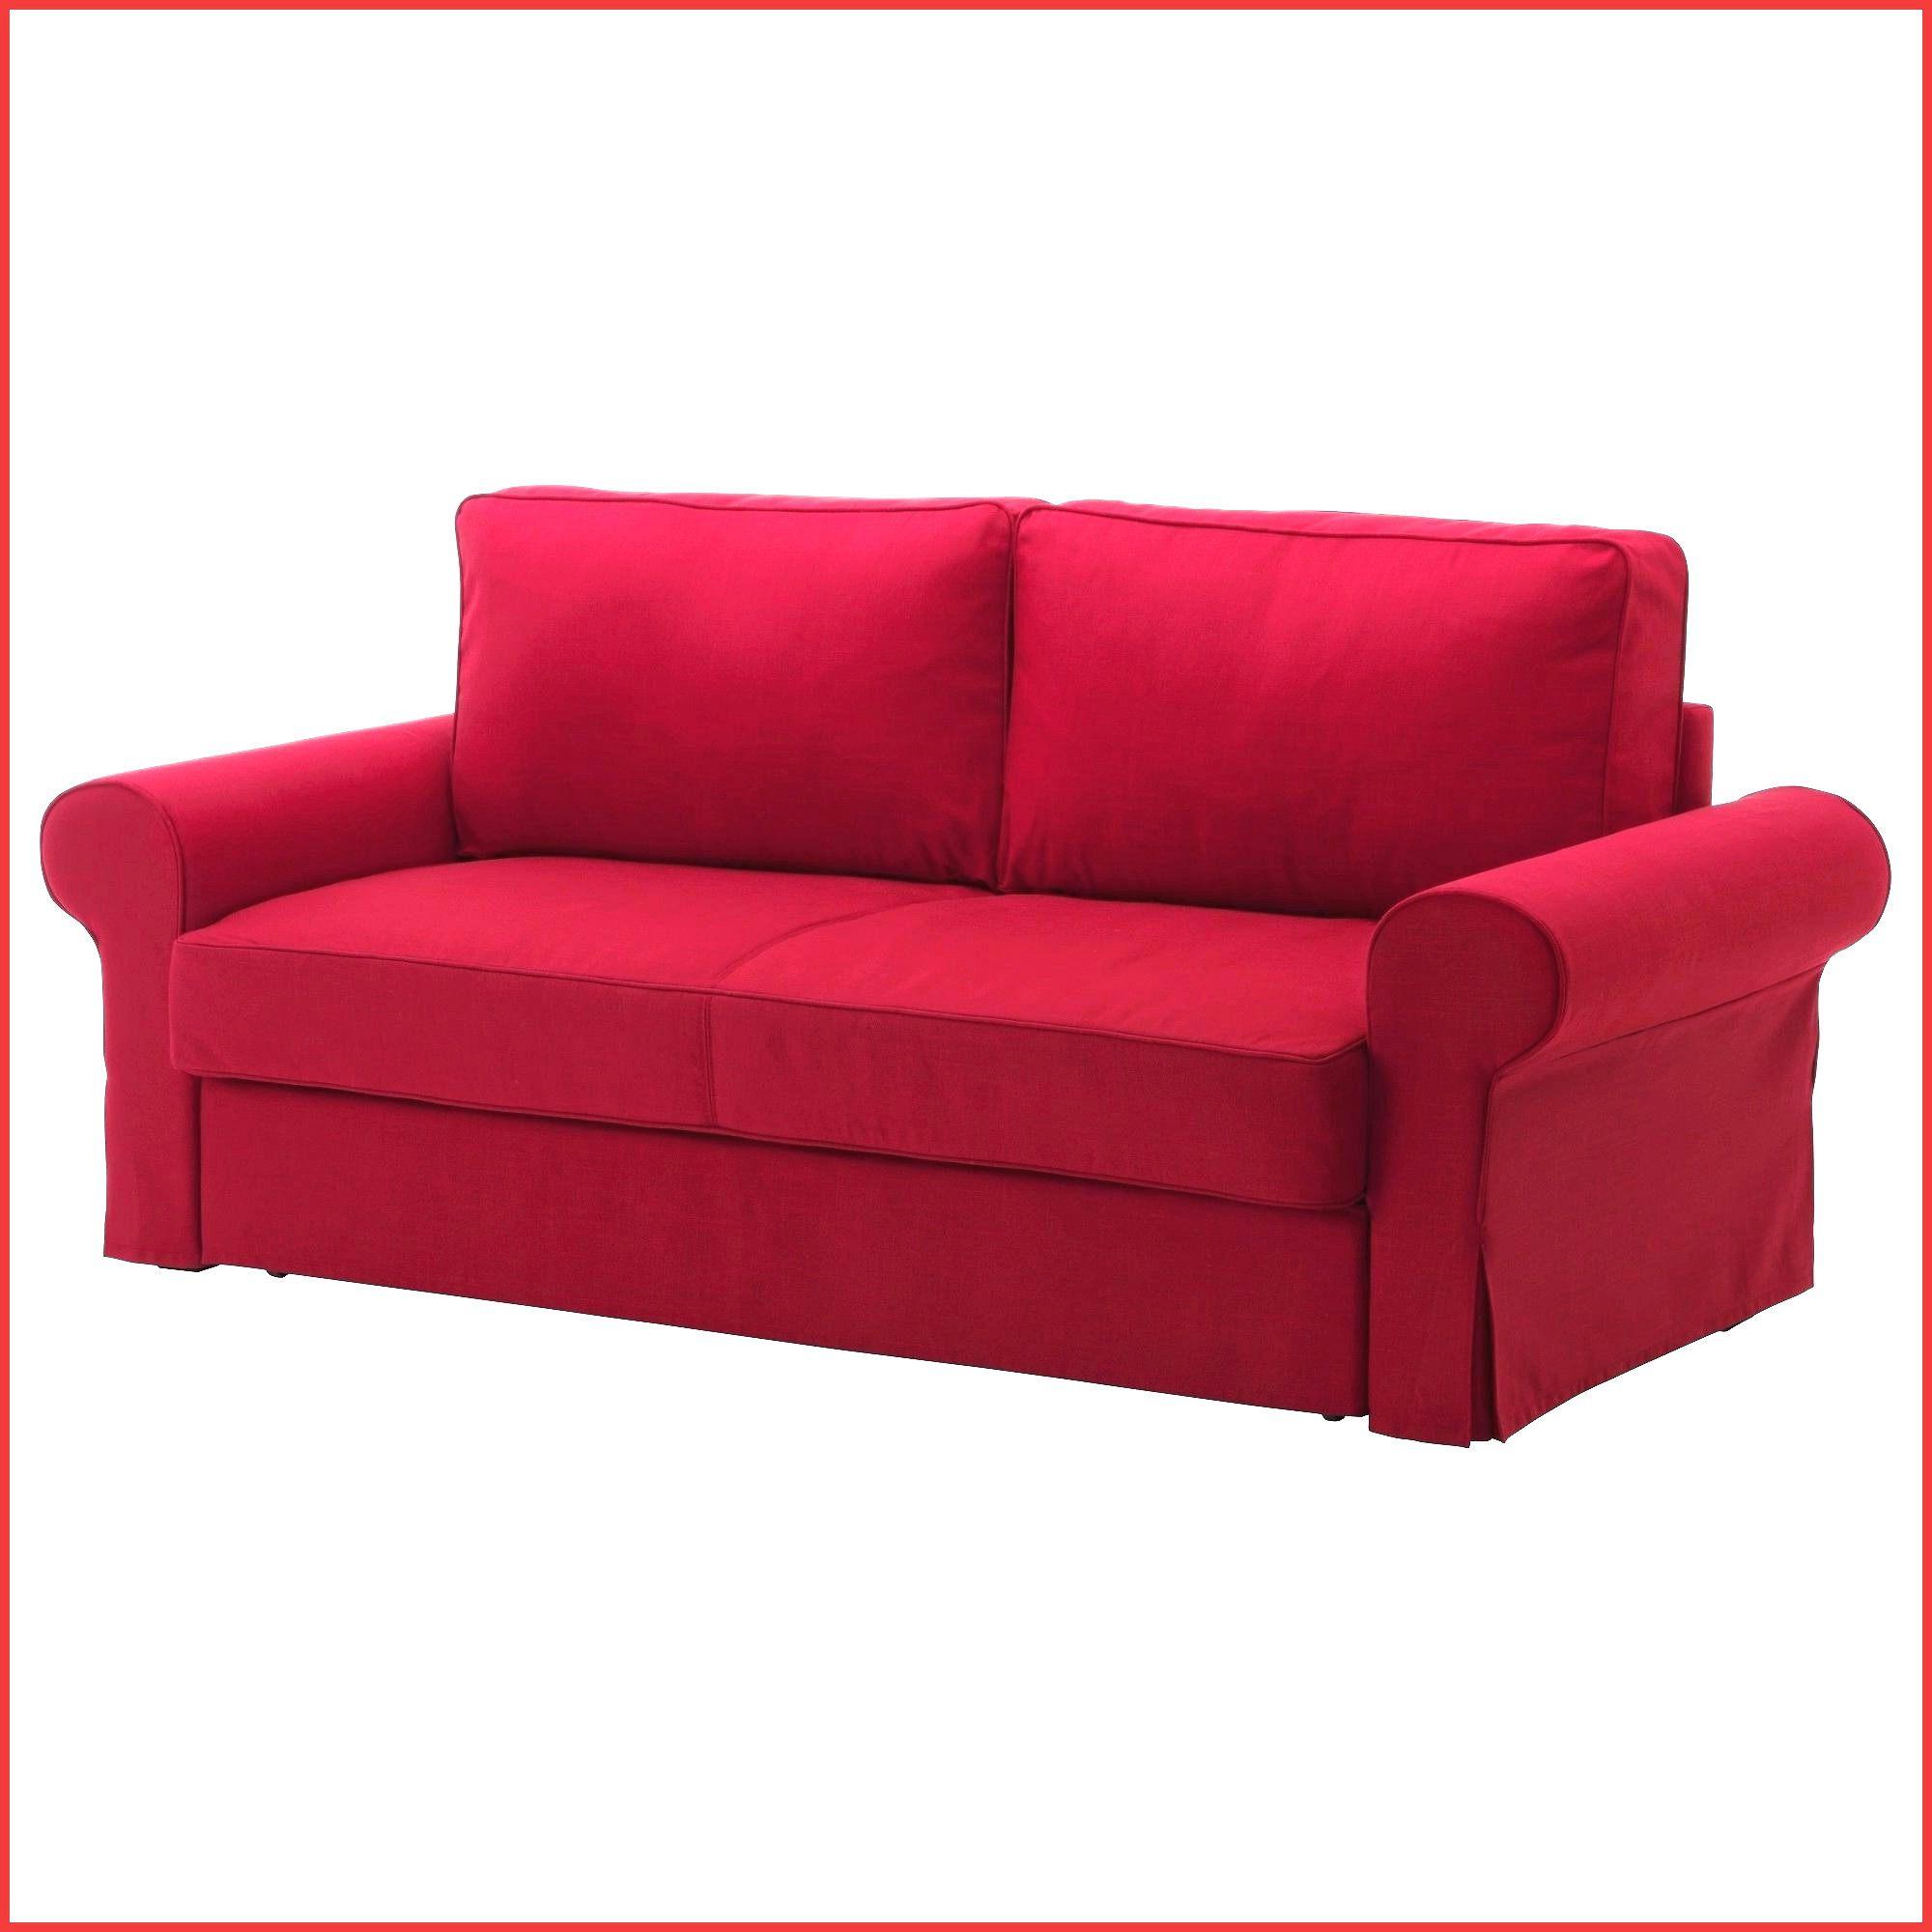 Lit Fer forgé Ikea Bel Lit Canapé Gigogne Unique Canapé Lit Design – Arturotoscanini